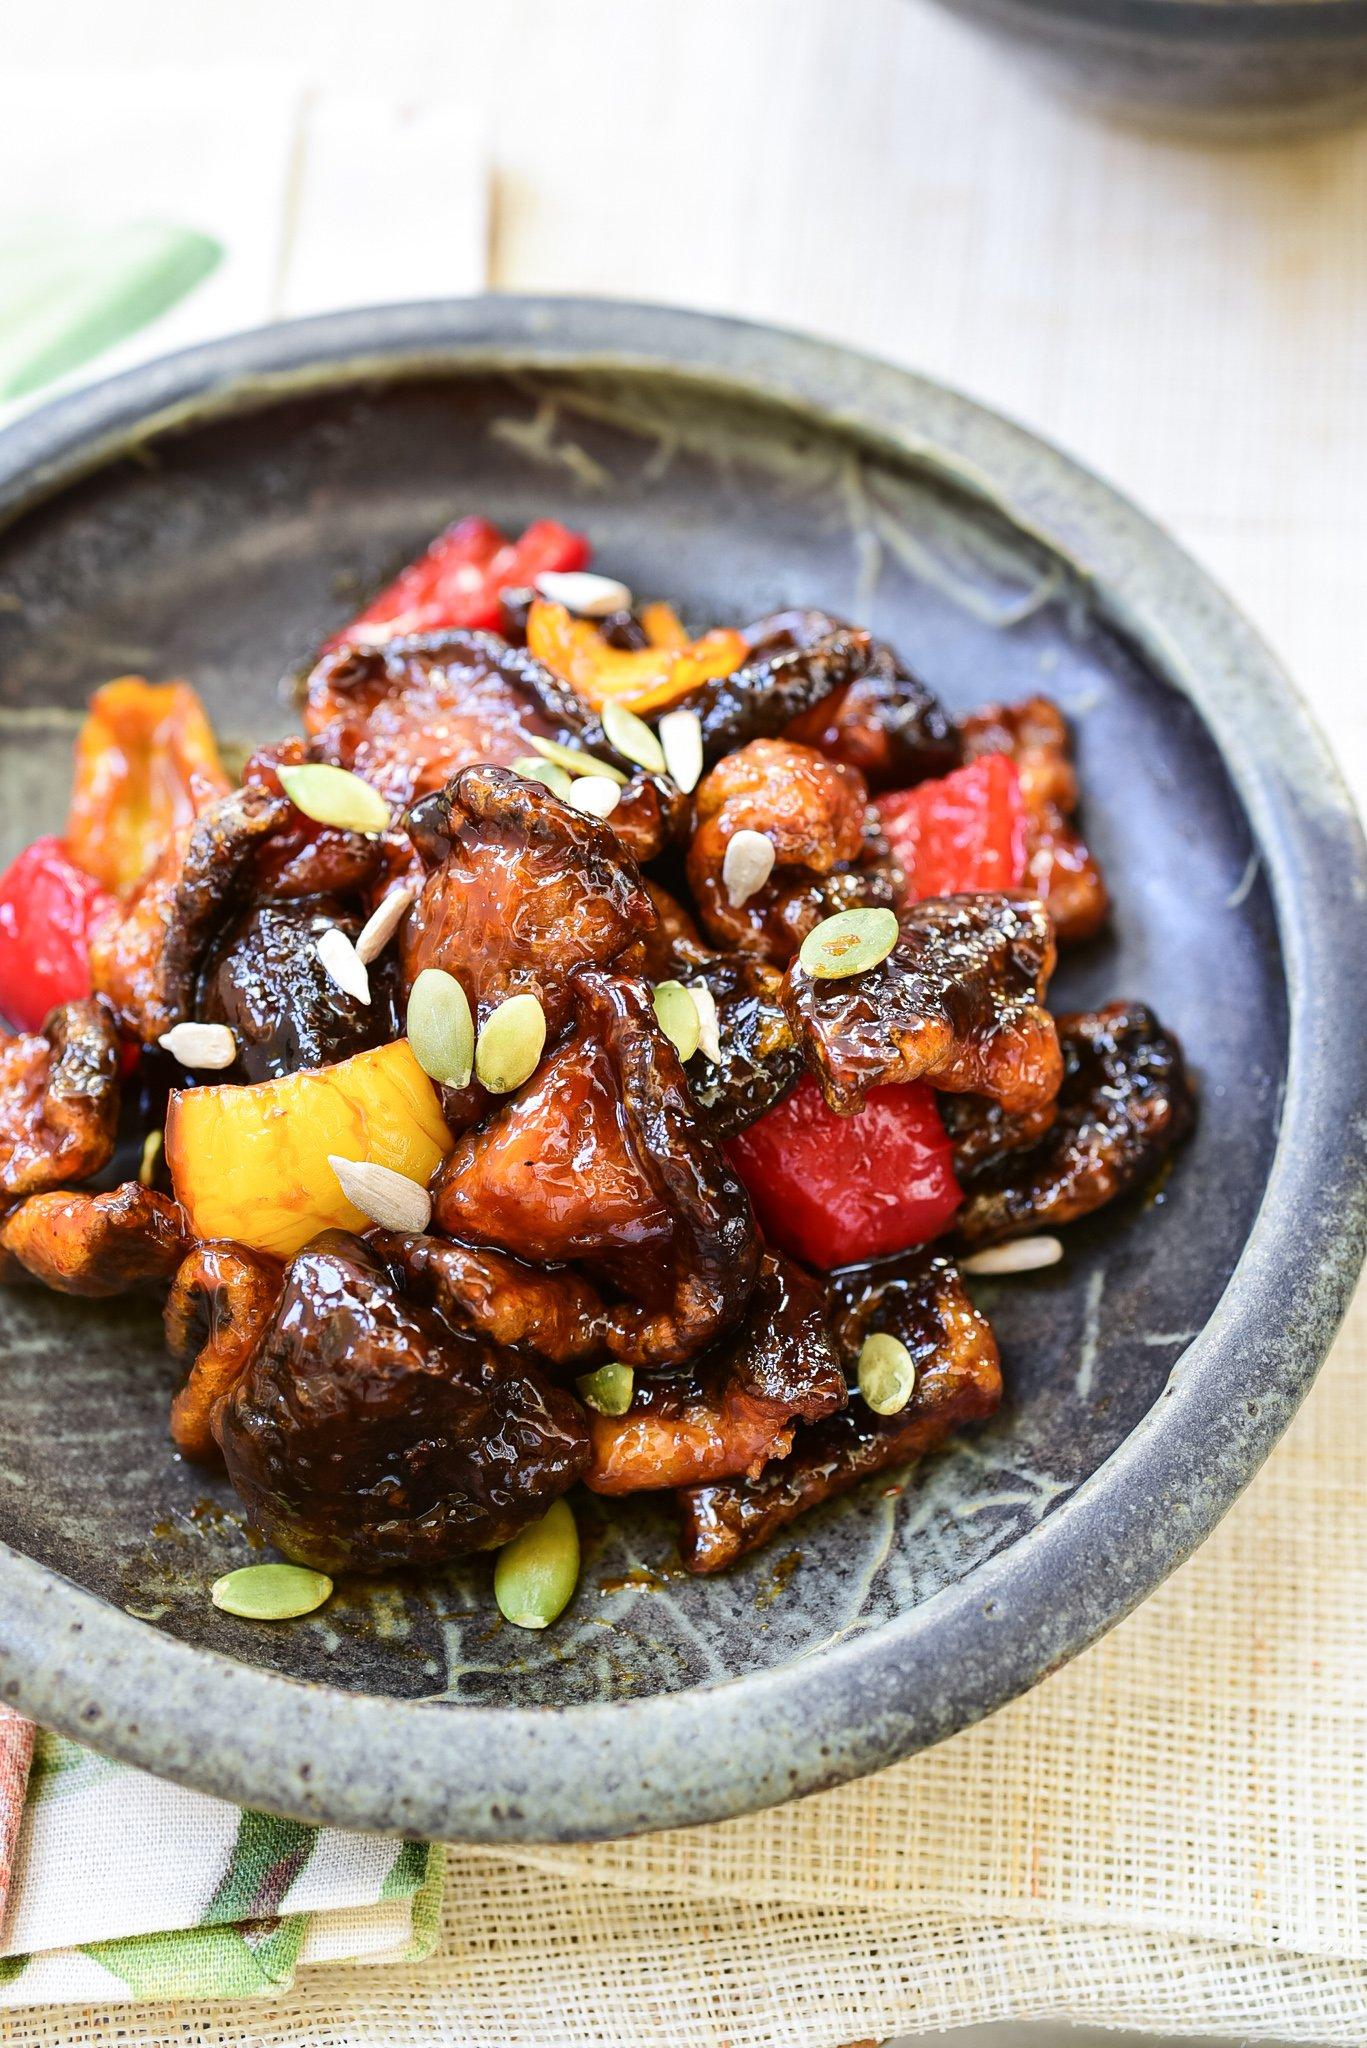 DSC 3181 - Beoseot Gangjeong (Sweet Crispy Mushrooms)